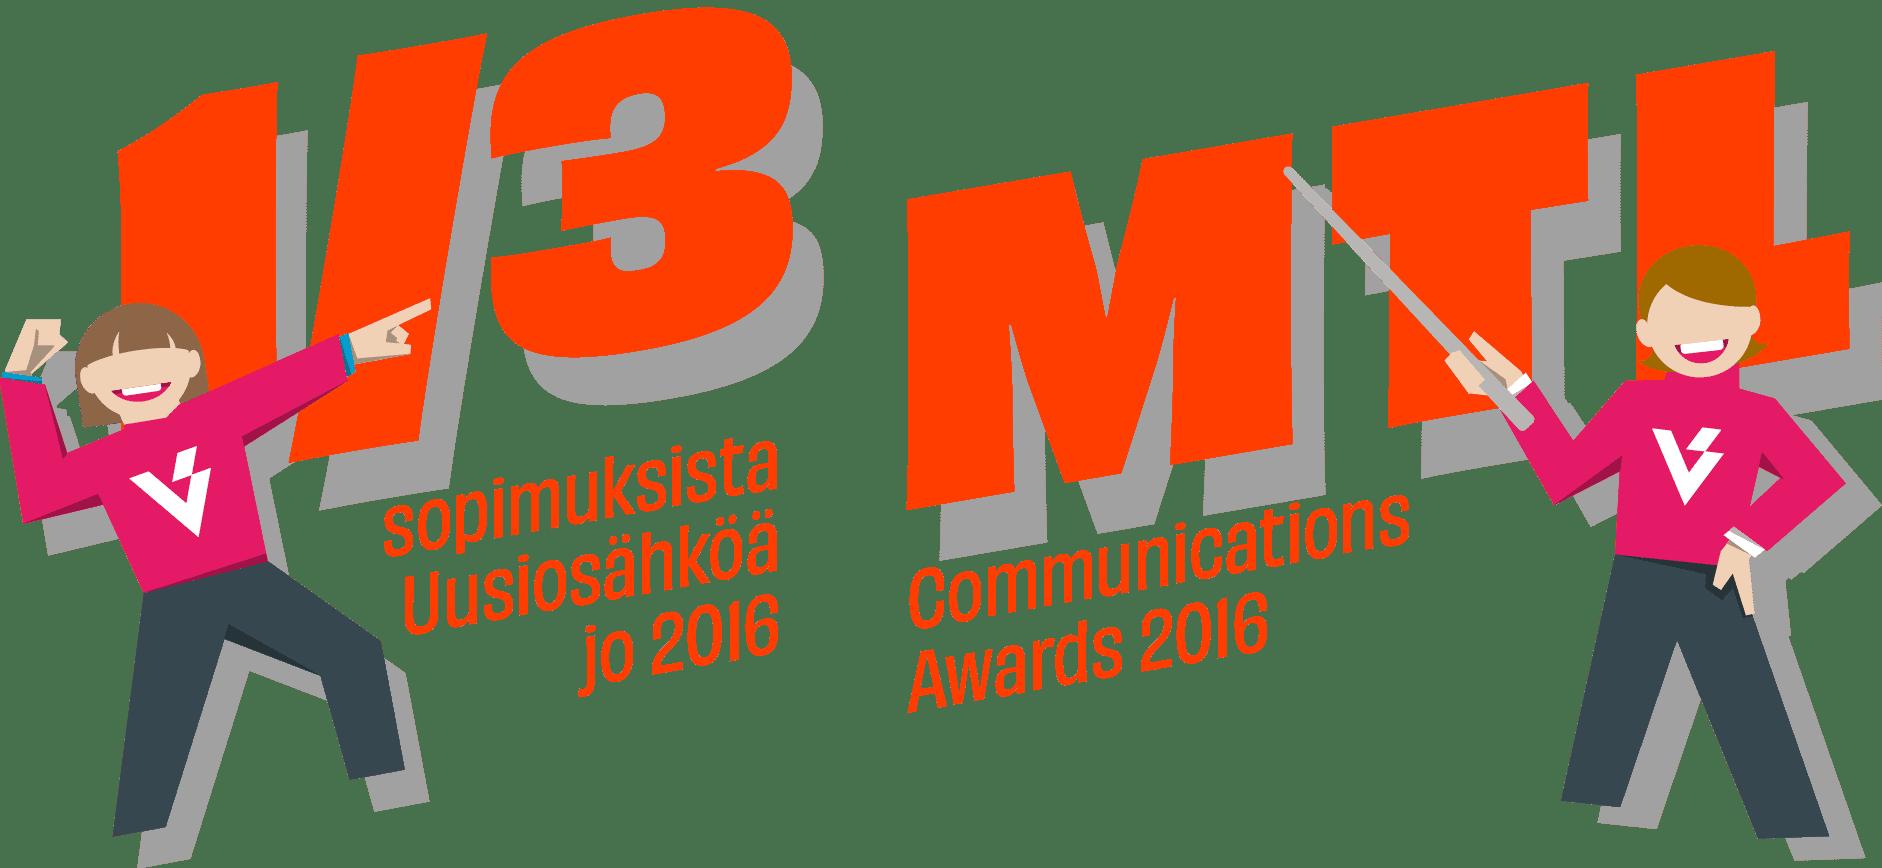 Infografiikka, joka korostaa Vantaan Energian viestintäkonseptien menestystä: vuonna 2016 jo joka kolmas sähkösopimuksista oli Uusiosähköä. Kosneptimme voitti MTL Communicatios Awardsin Yhteiskunnallisen viestinnän kategorian vuonna 2016.